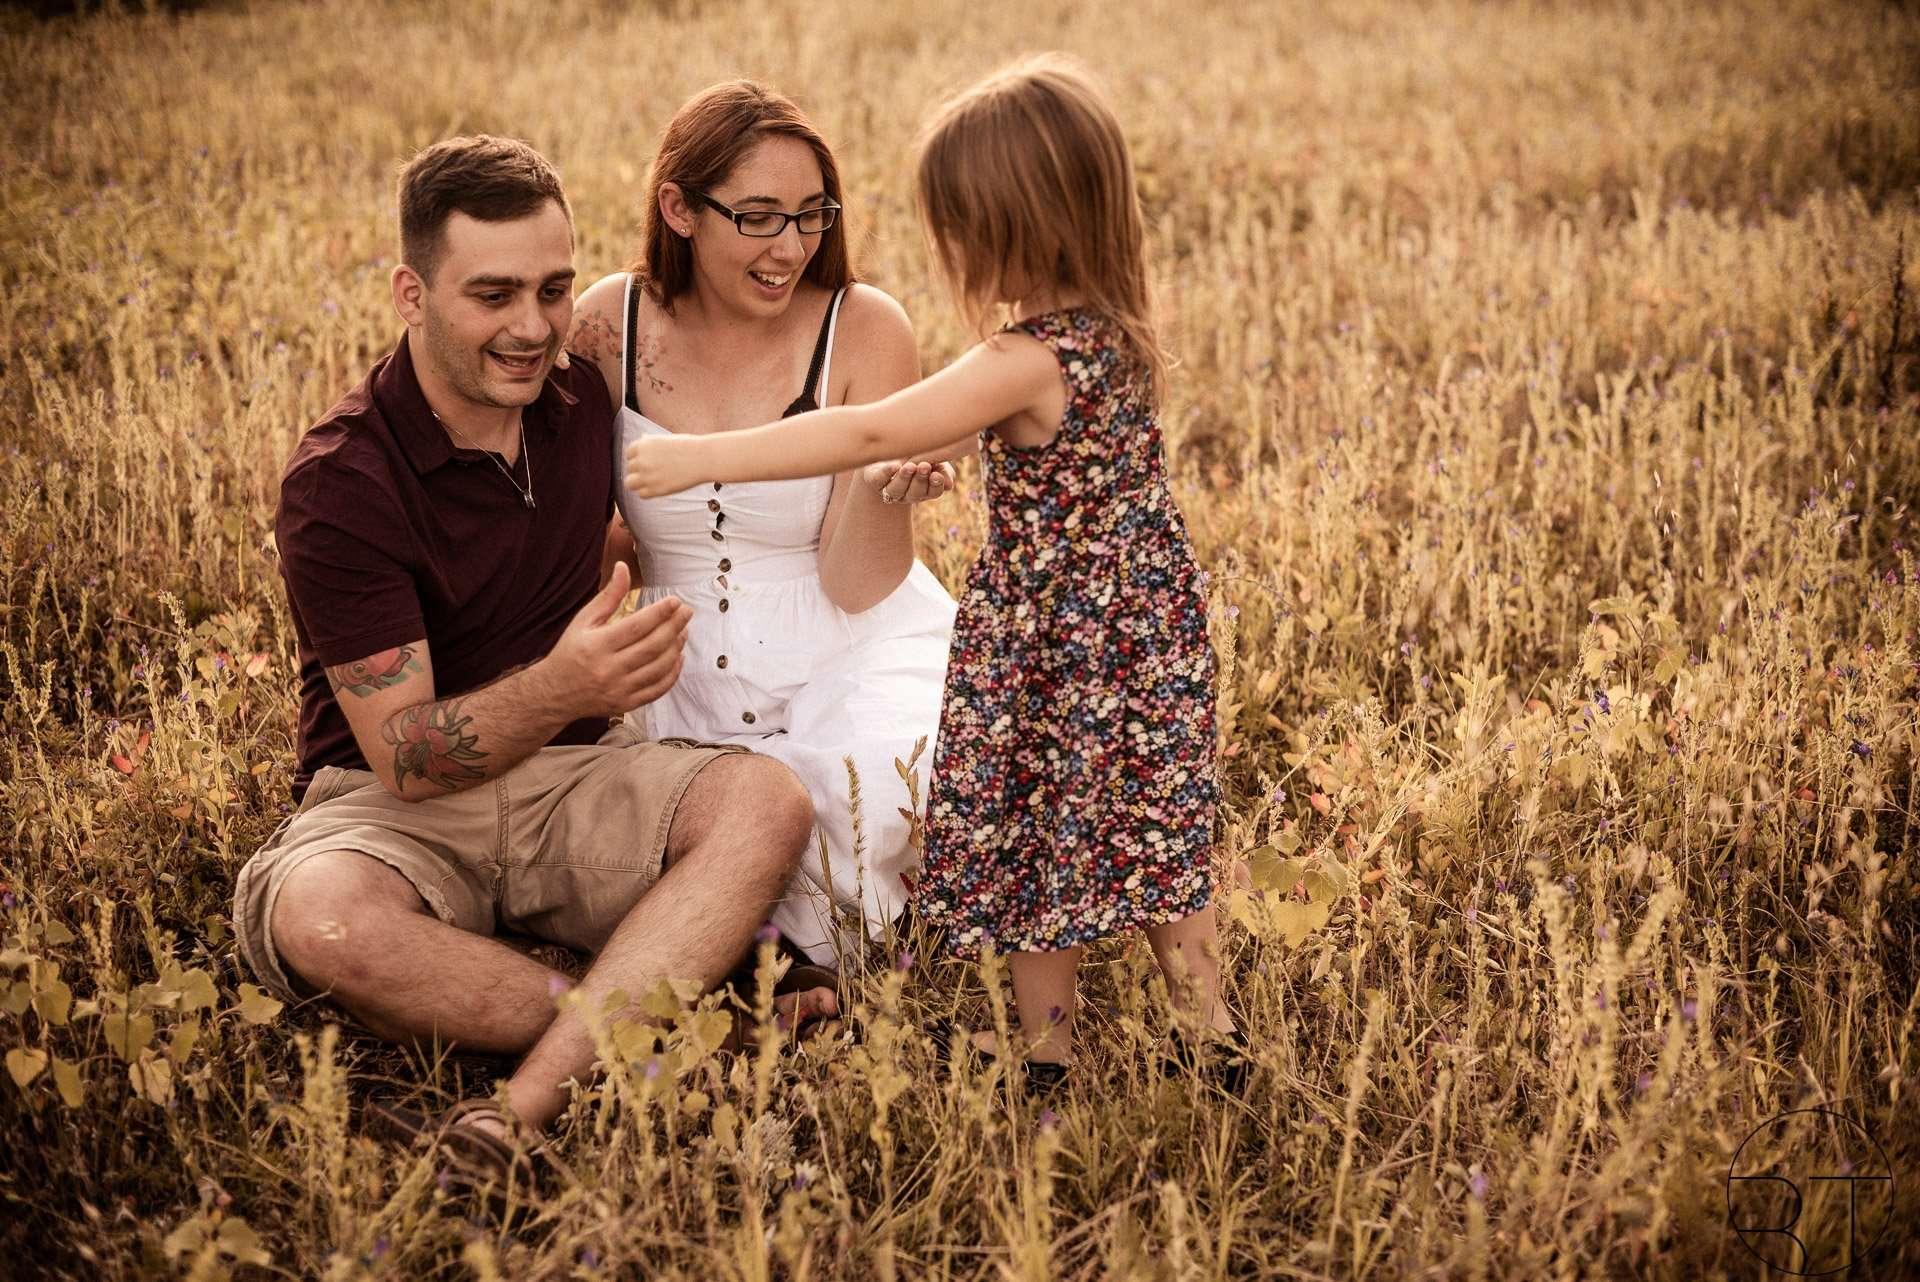 Fotografia mamma figlia papà in family session realizzata da Barbara Trincone Fotografo specializzato ritratti di famiglia a Napoli, Salerno, Avellino, Caserta